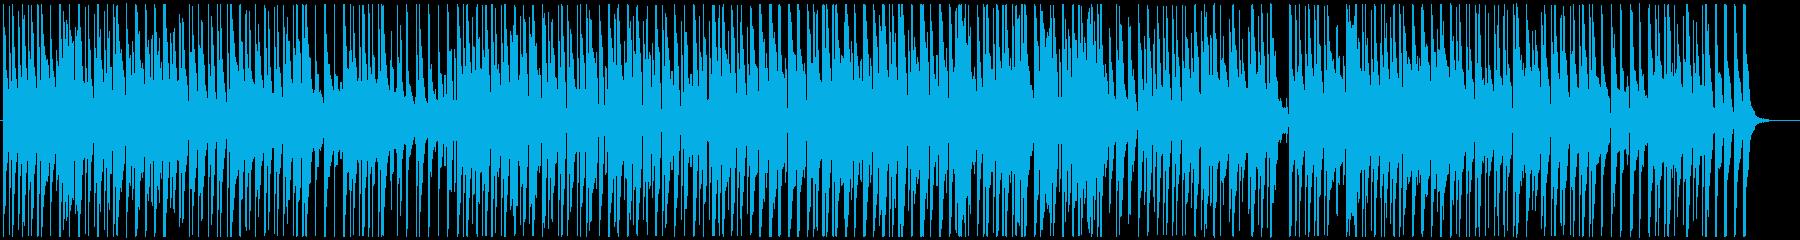 ほのぼのコミカルな曲の再生済みの波形